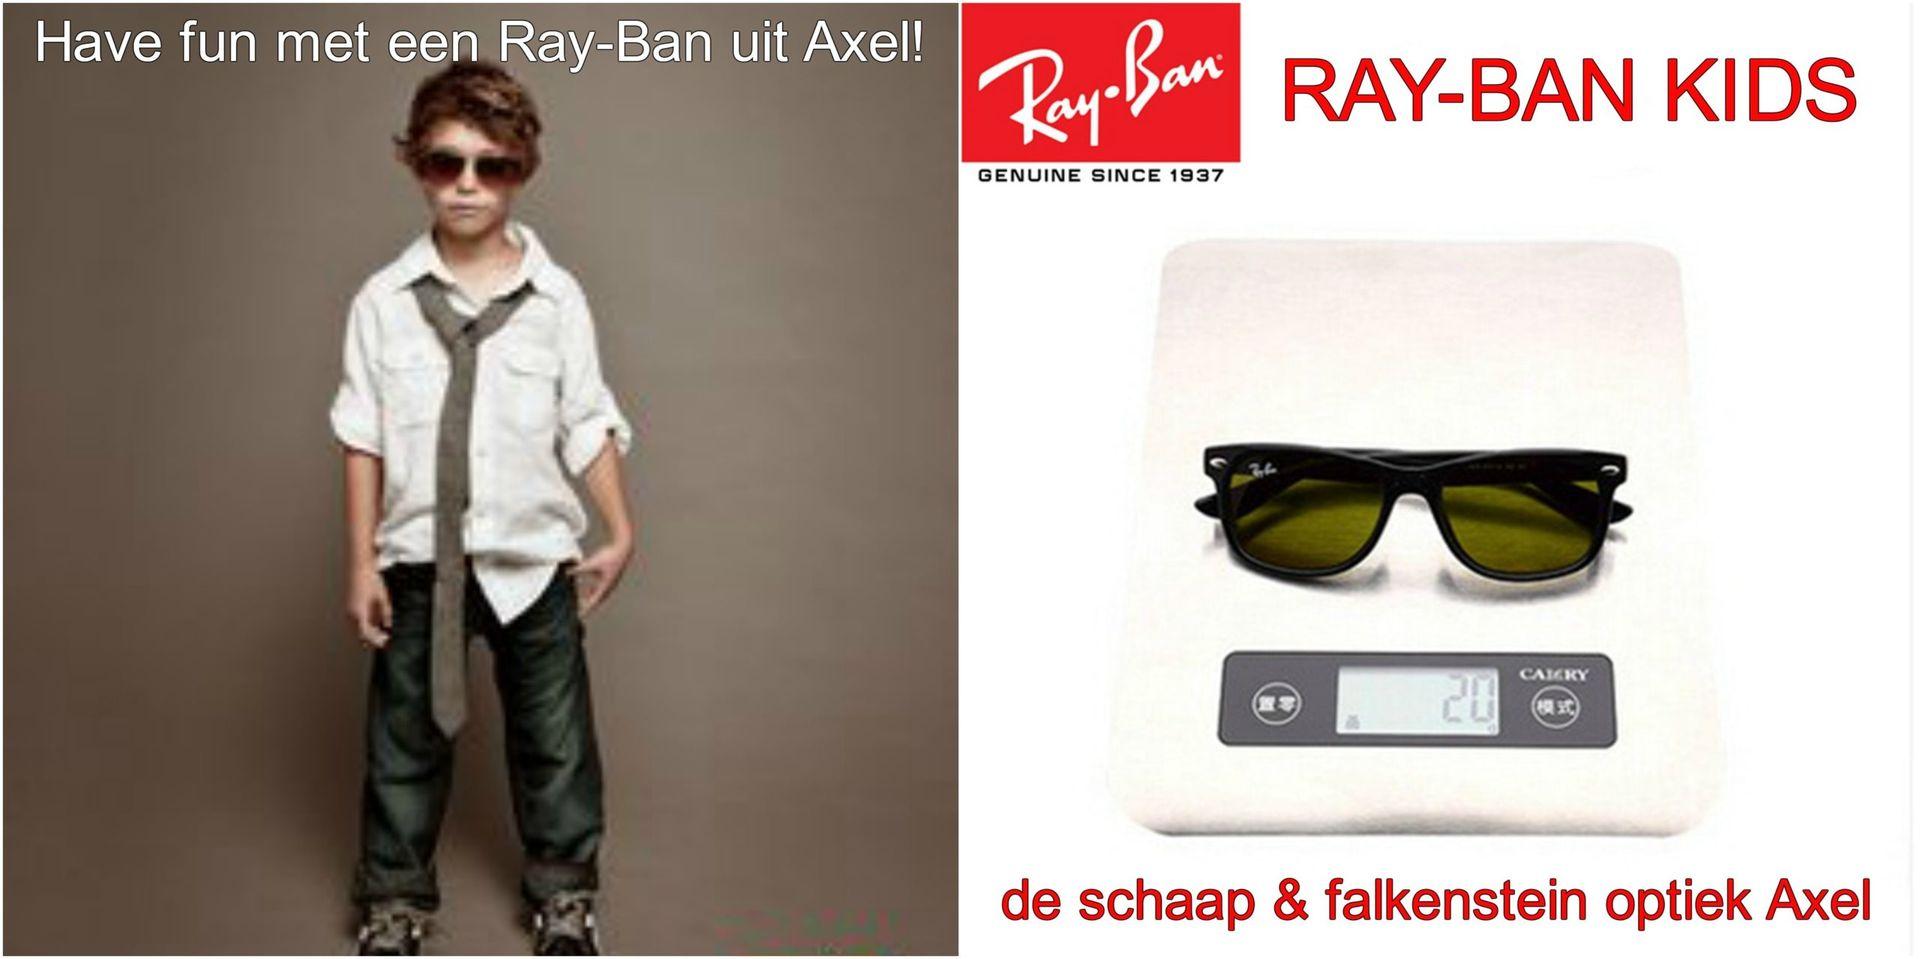 Collage Ray-Ban kids! Have fun met een Ray-Ban uit Axel - voor website & fb - met winkelnaam